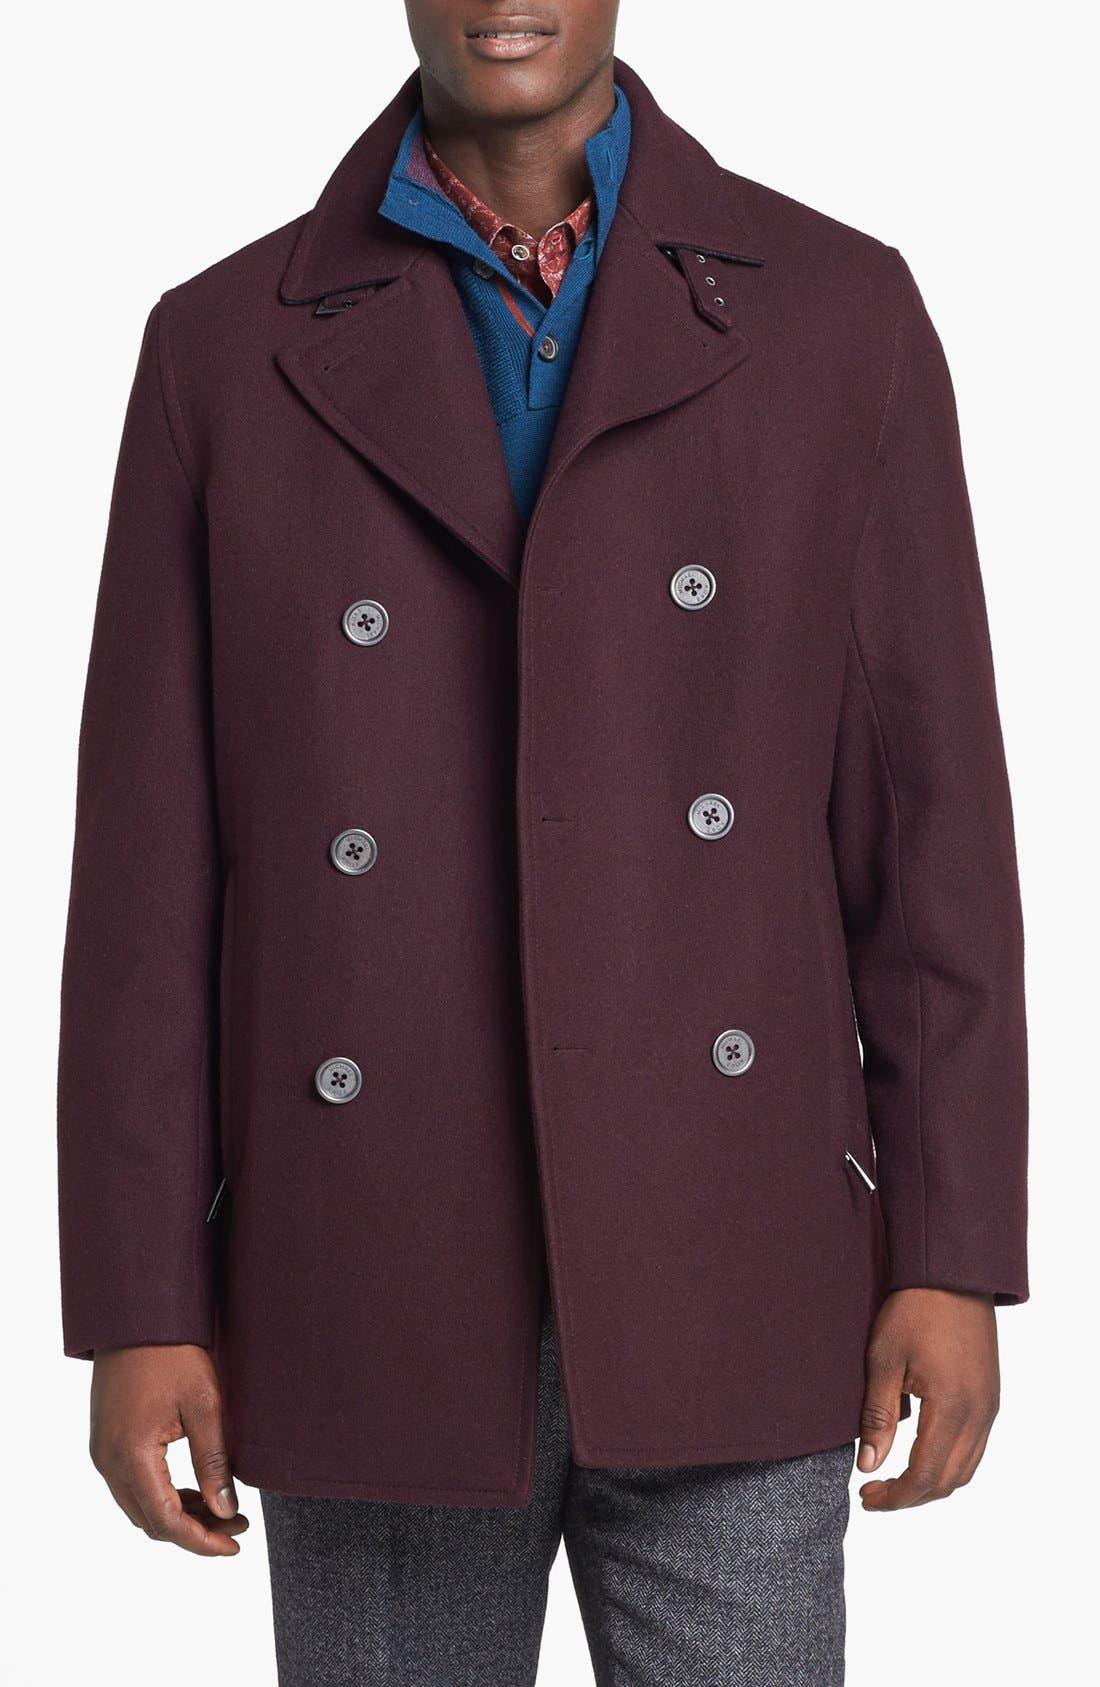 Alternate Image 1 Selected - Michael Kors 'San Diego' Wool Blend Peacoat (Online Exclusive)